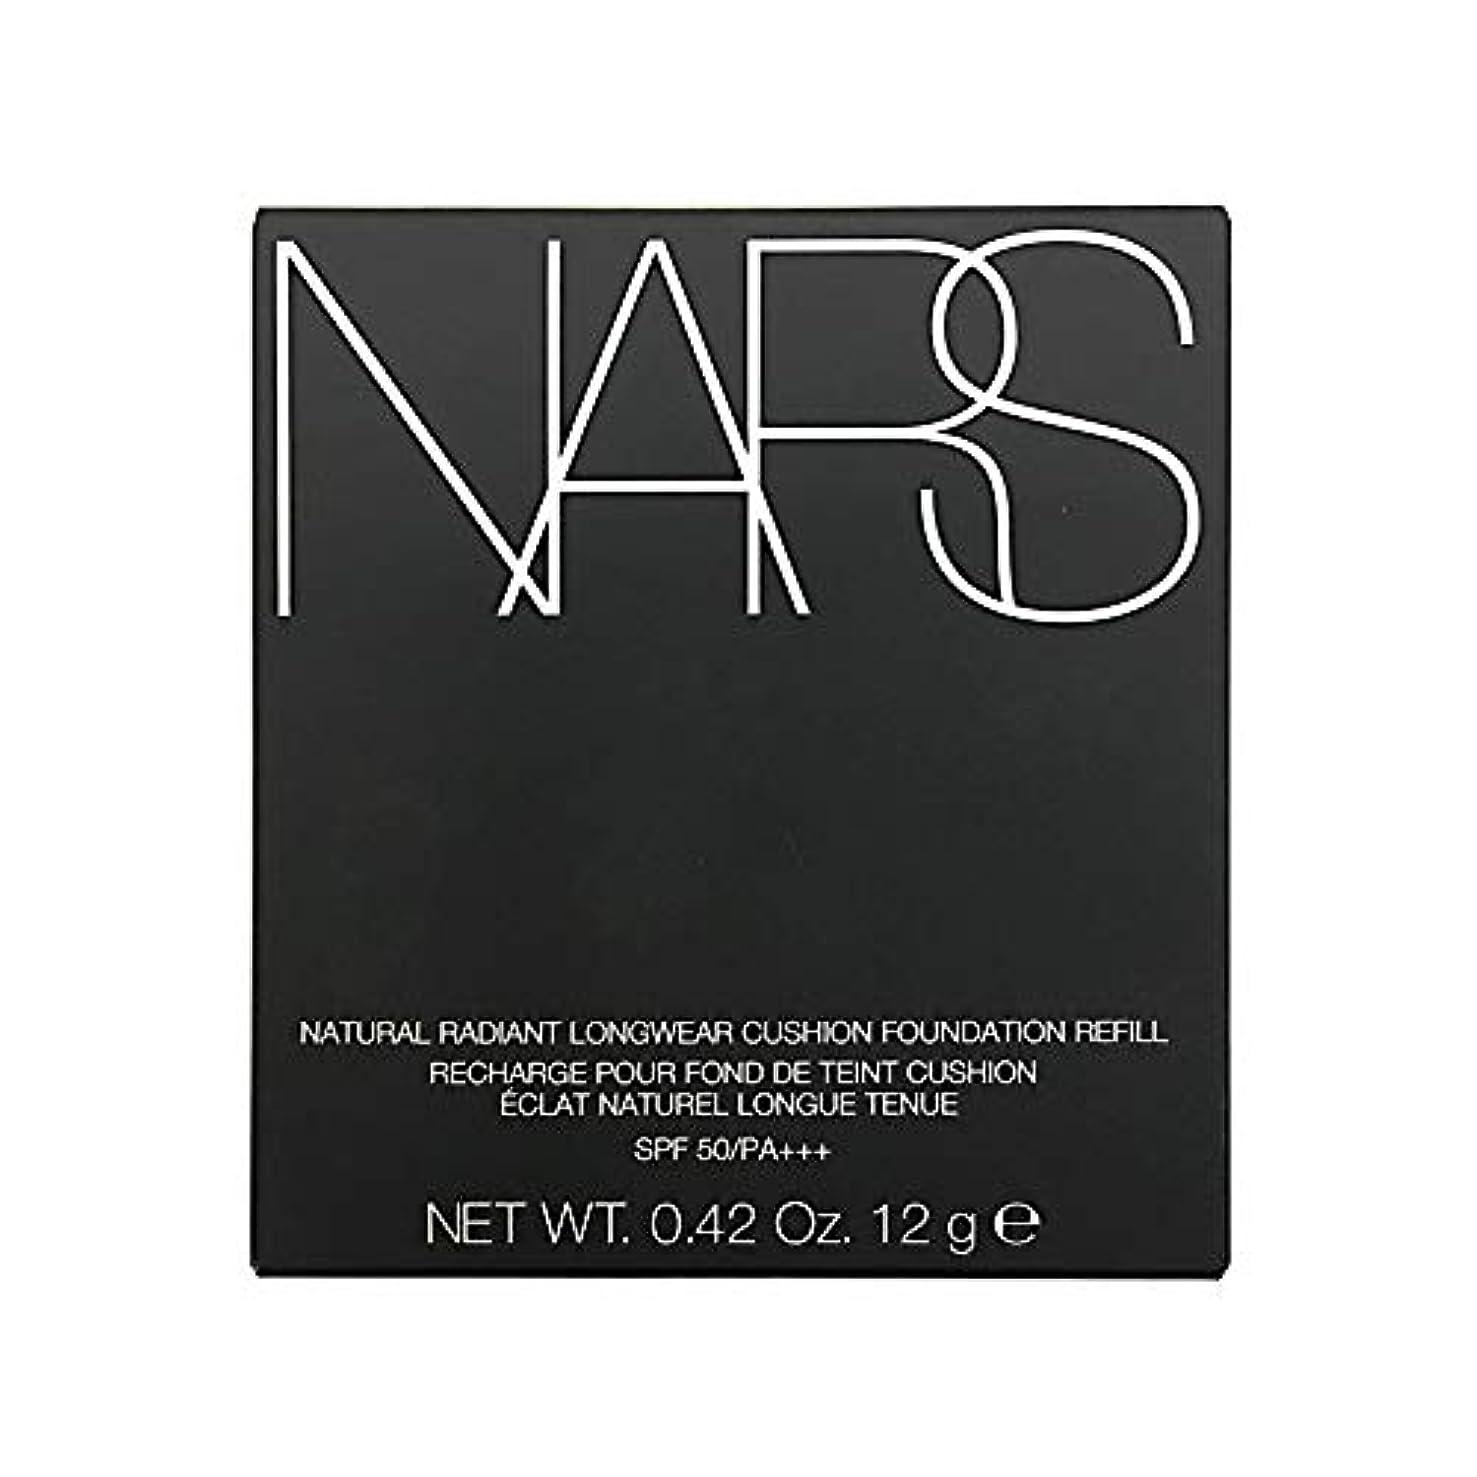 音声学外側地理ナーズ/NARS ナチュラルラディアント ロングウェア クッションファンデーション(レフィル)#5879 [ クッションファンデ ] [並行輸入品]